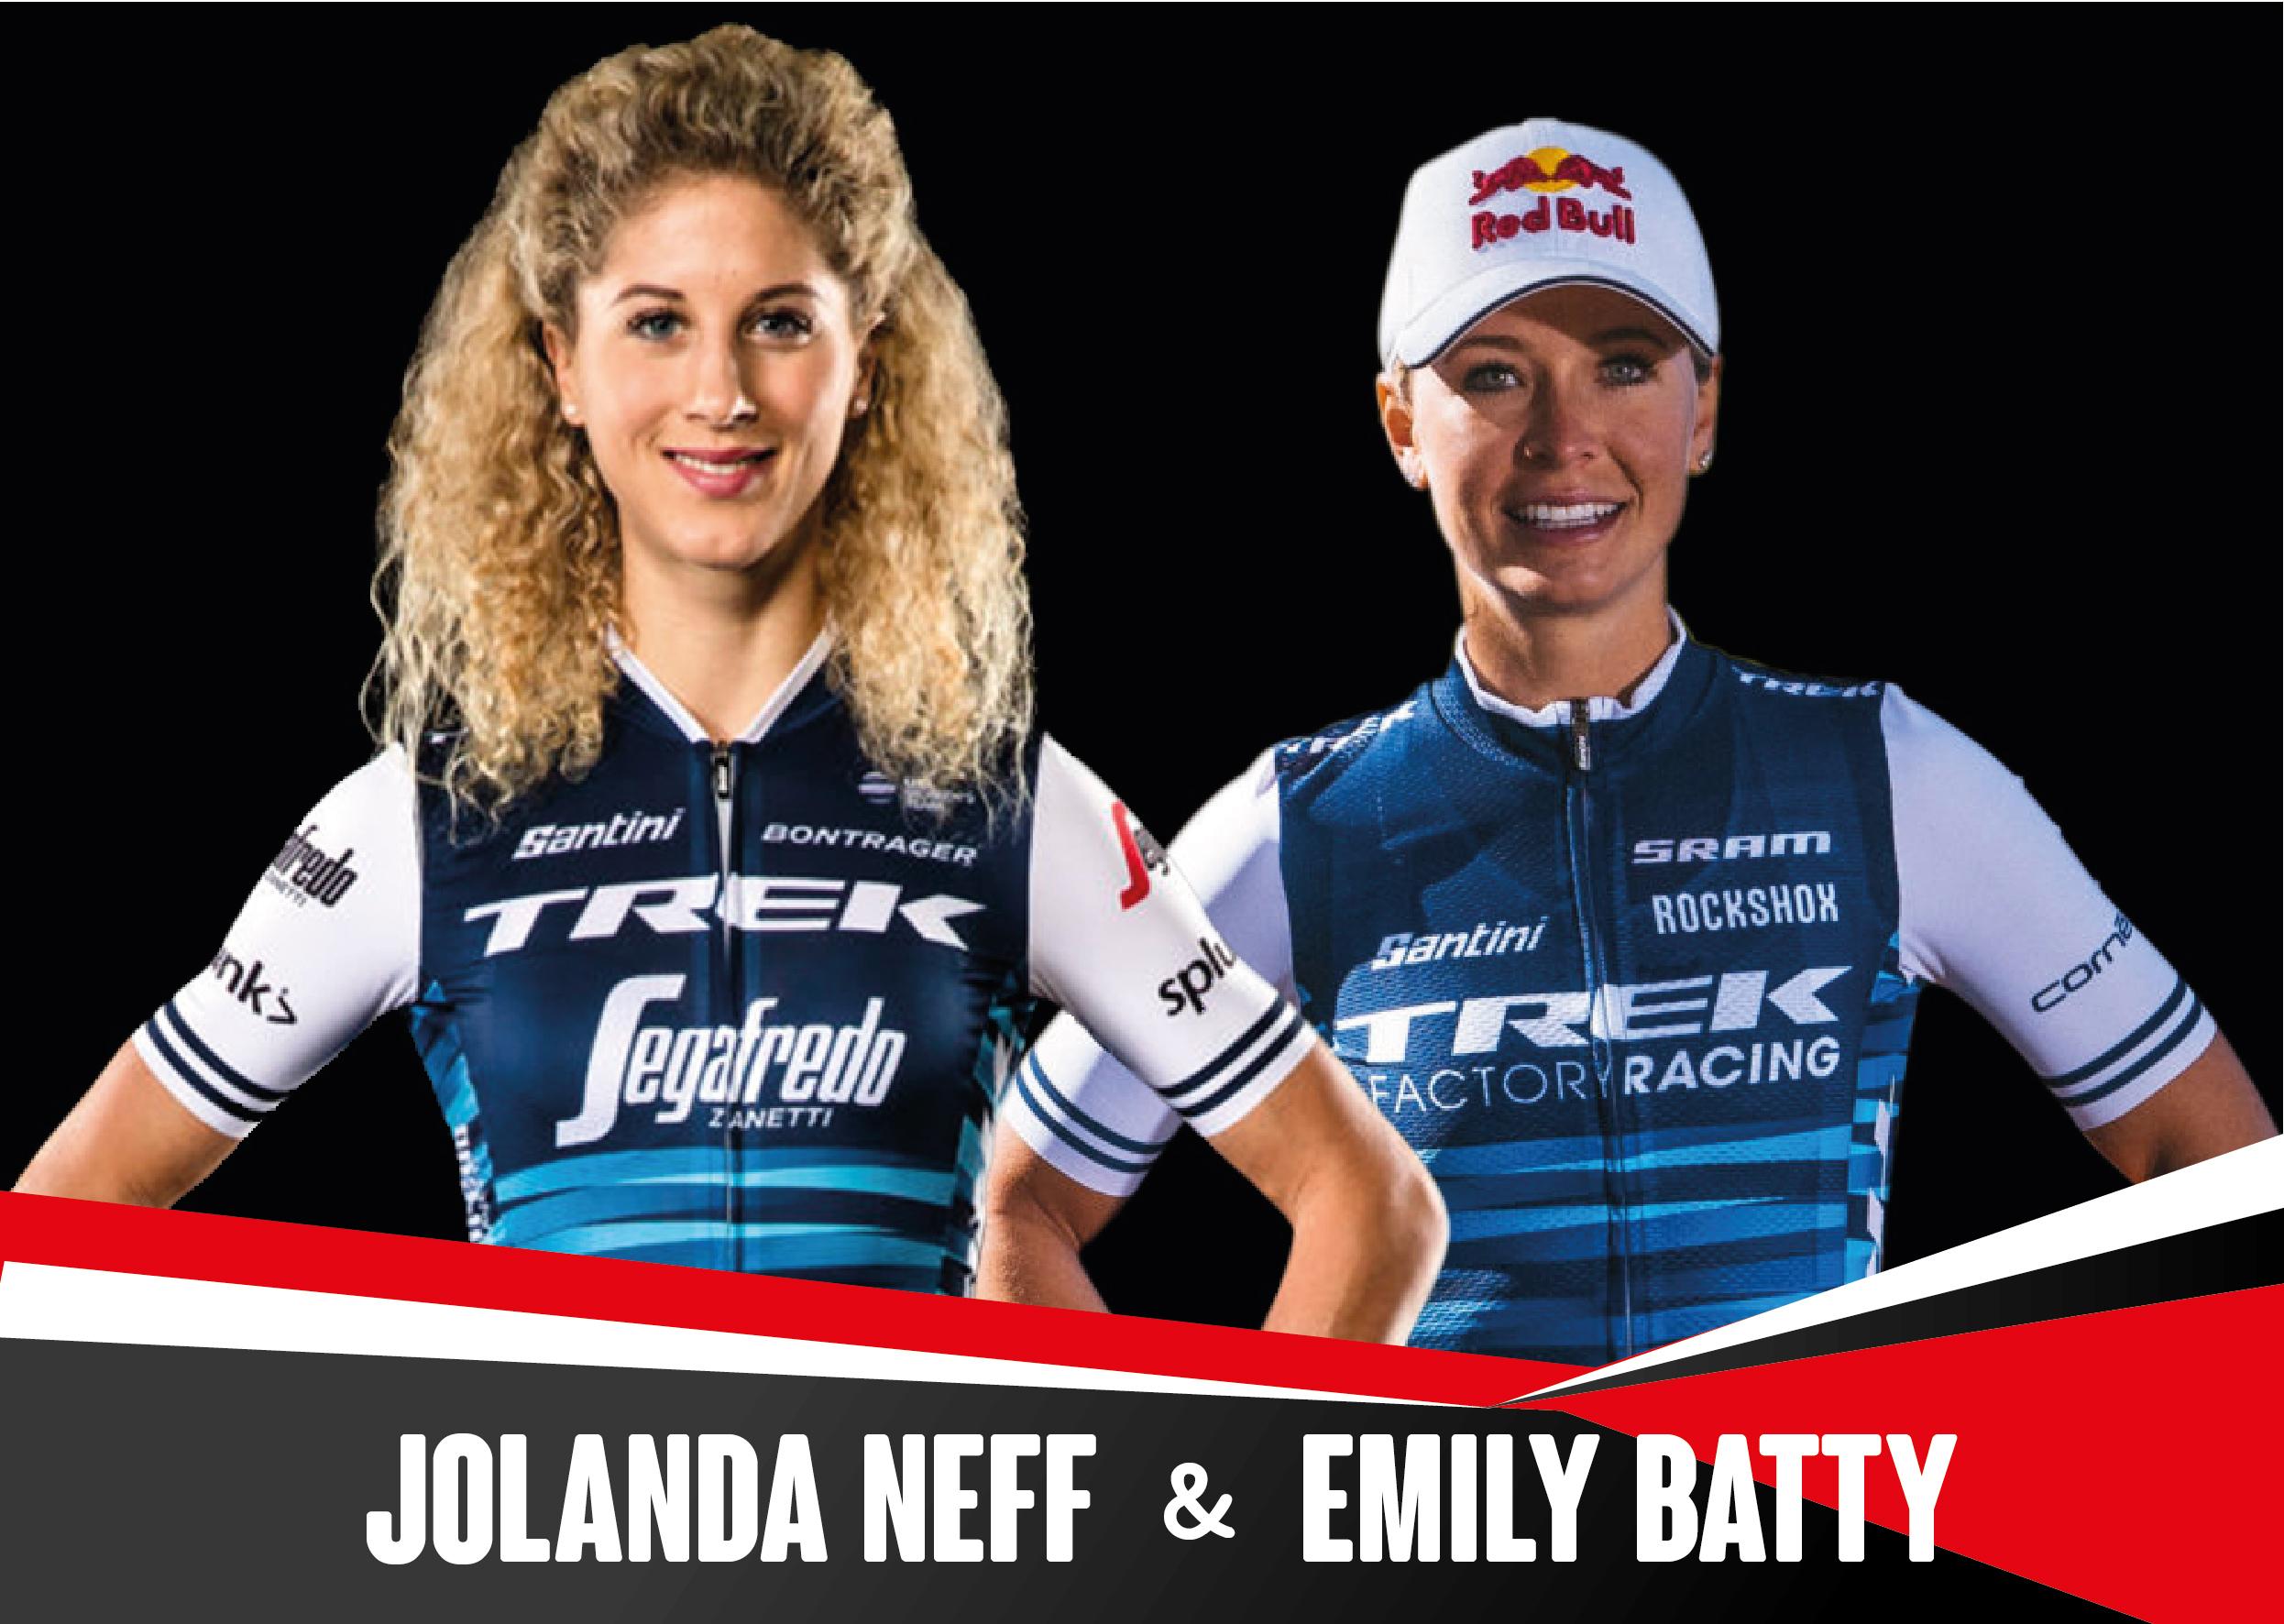 Emily Batty y Jolanda Neff del Trek Factory Racing, primeras estrellas mundiales en confirmar su participaci�n en la Super Cup Massi de Banyoles